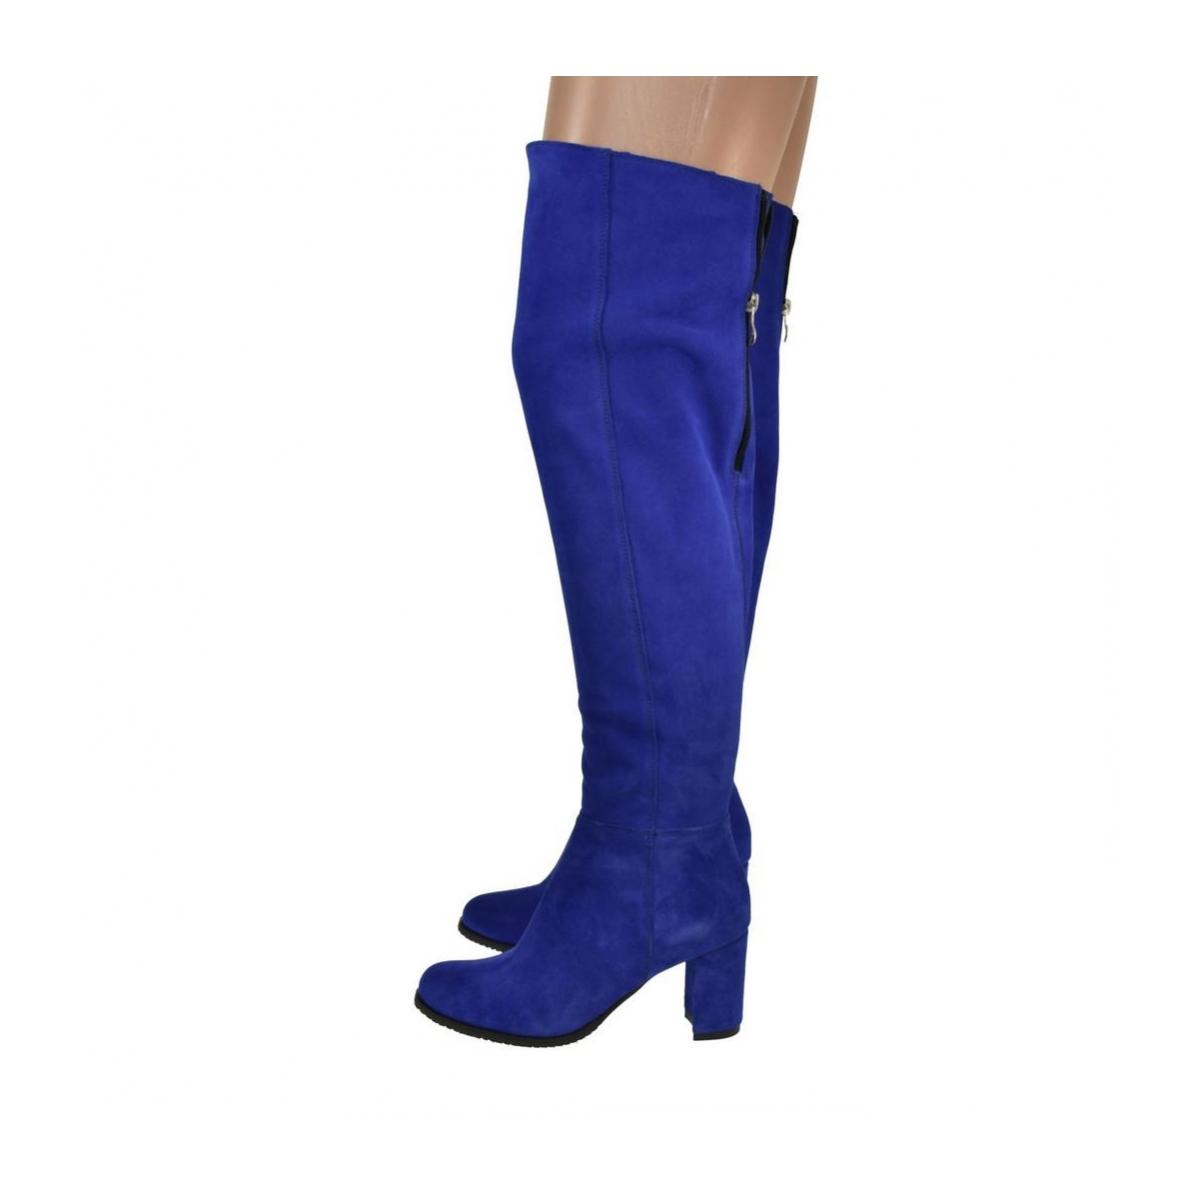 Dámske modré semišové čižmy ARER - 5 2b07096c345